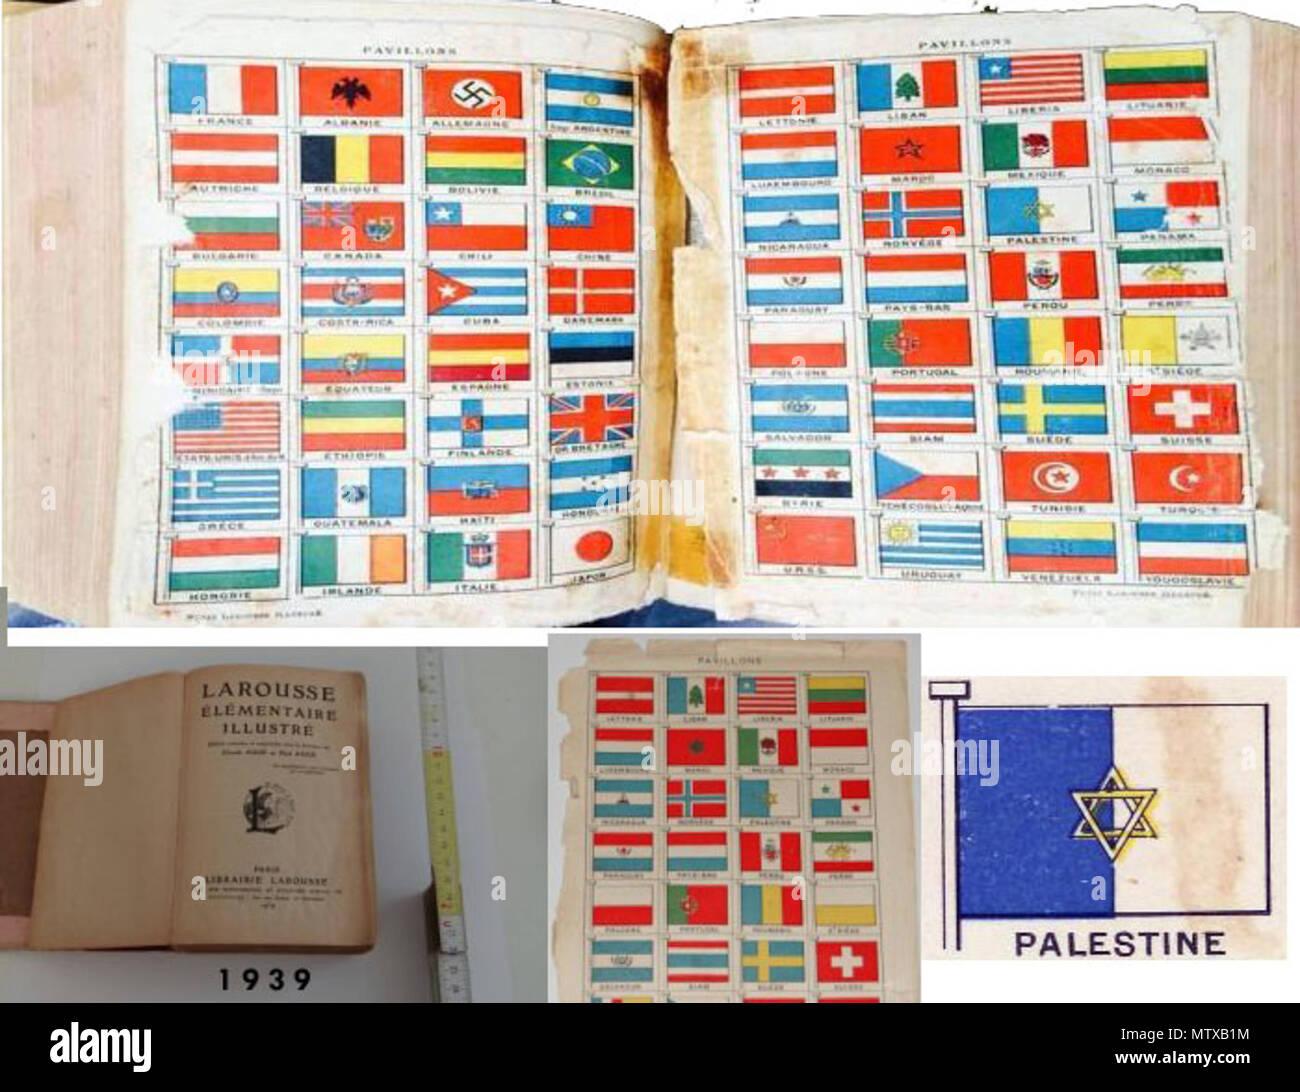 . Русский: Согласно французскому словарю Ларус (Larousse) 1939 года [1] Флаг Палестины представлял из себя разделённое вертикально пополам бело-голубое поле с голубой частью у древка и изображённой в центре шестиконечной звездой Давида. 1939. Larousse 1939 464 Palestin-flag-1939 - Stock Image